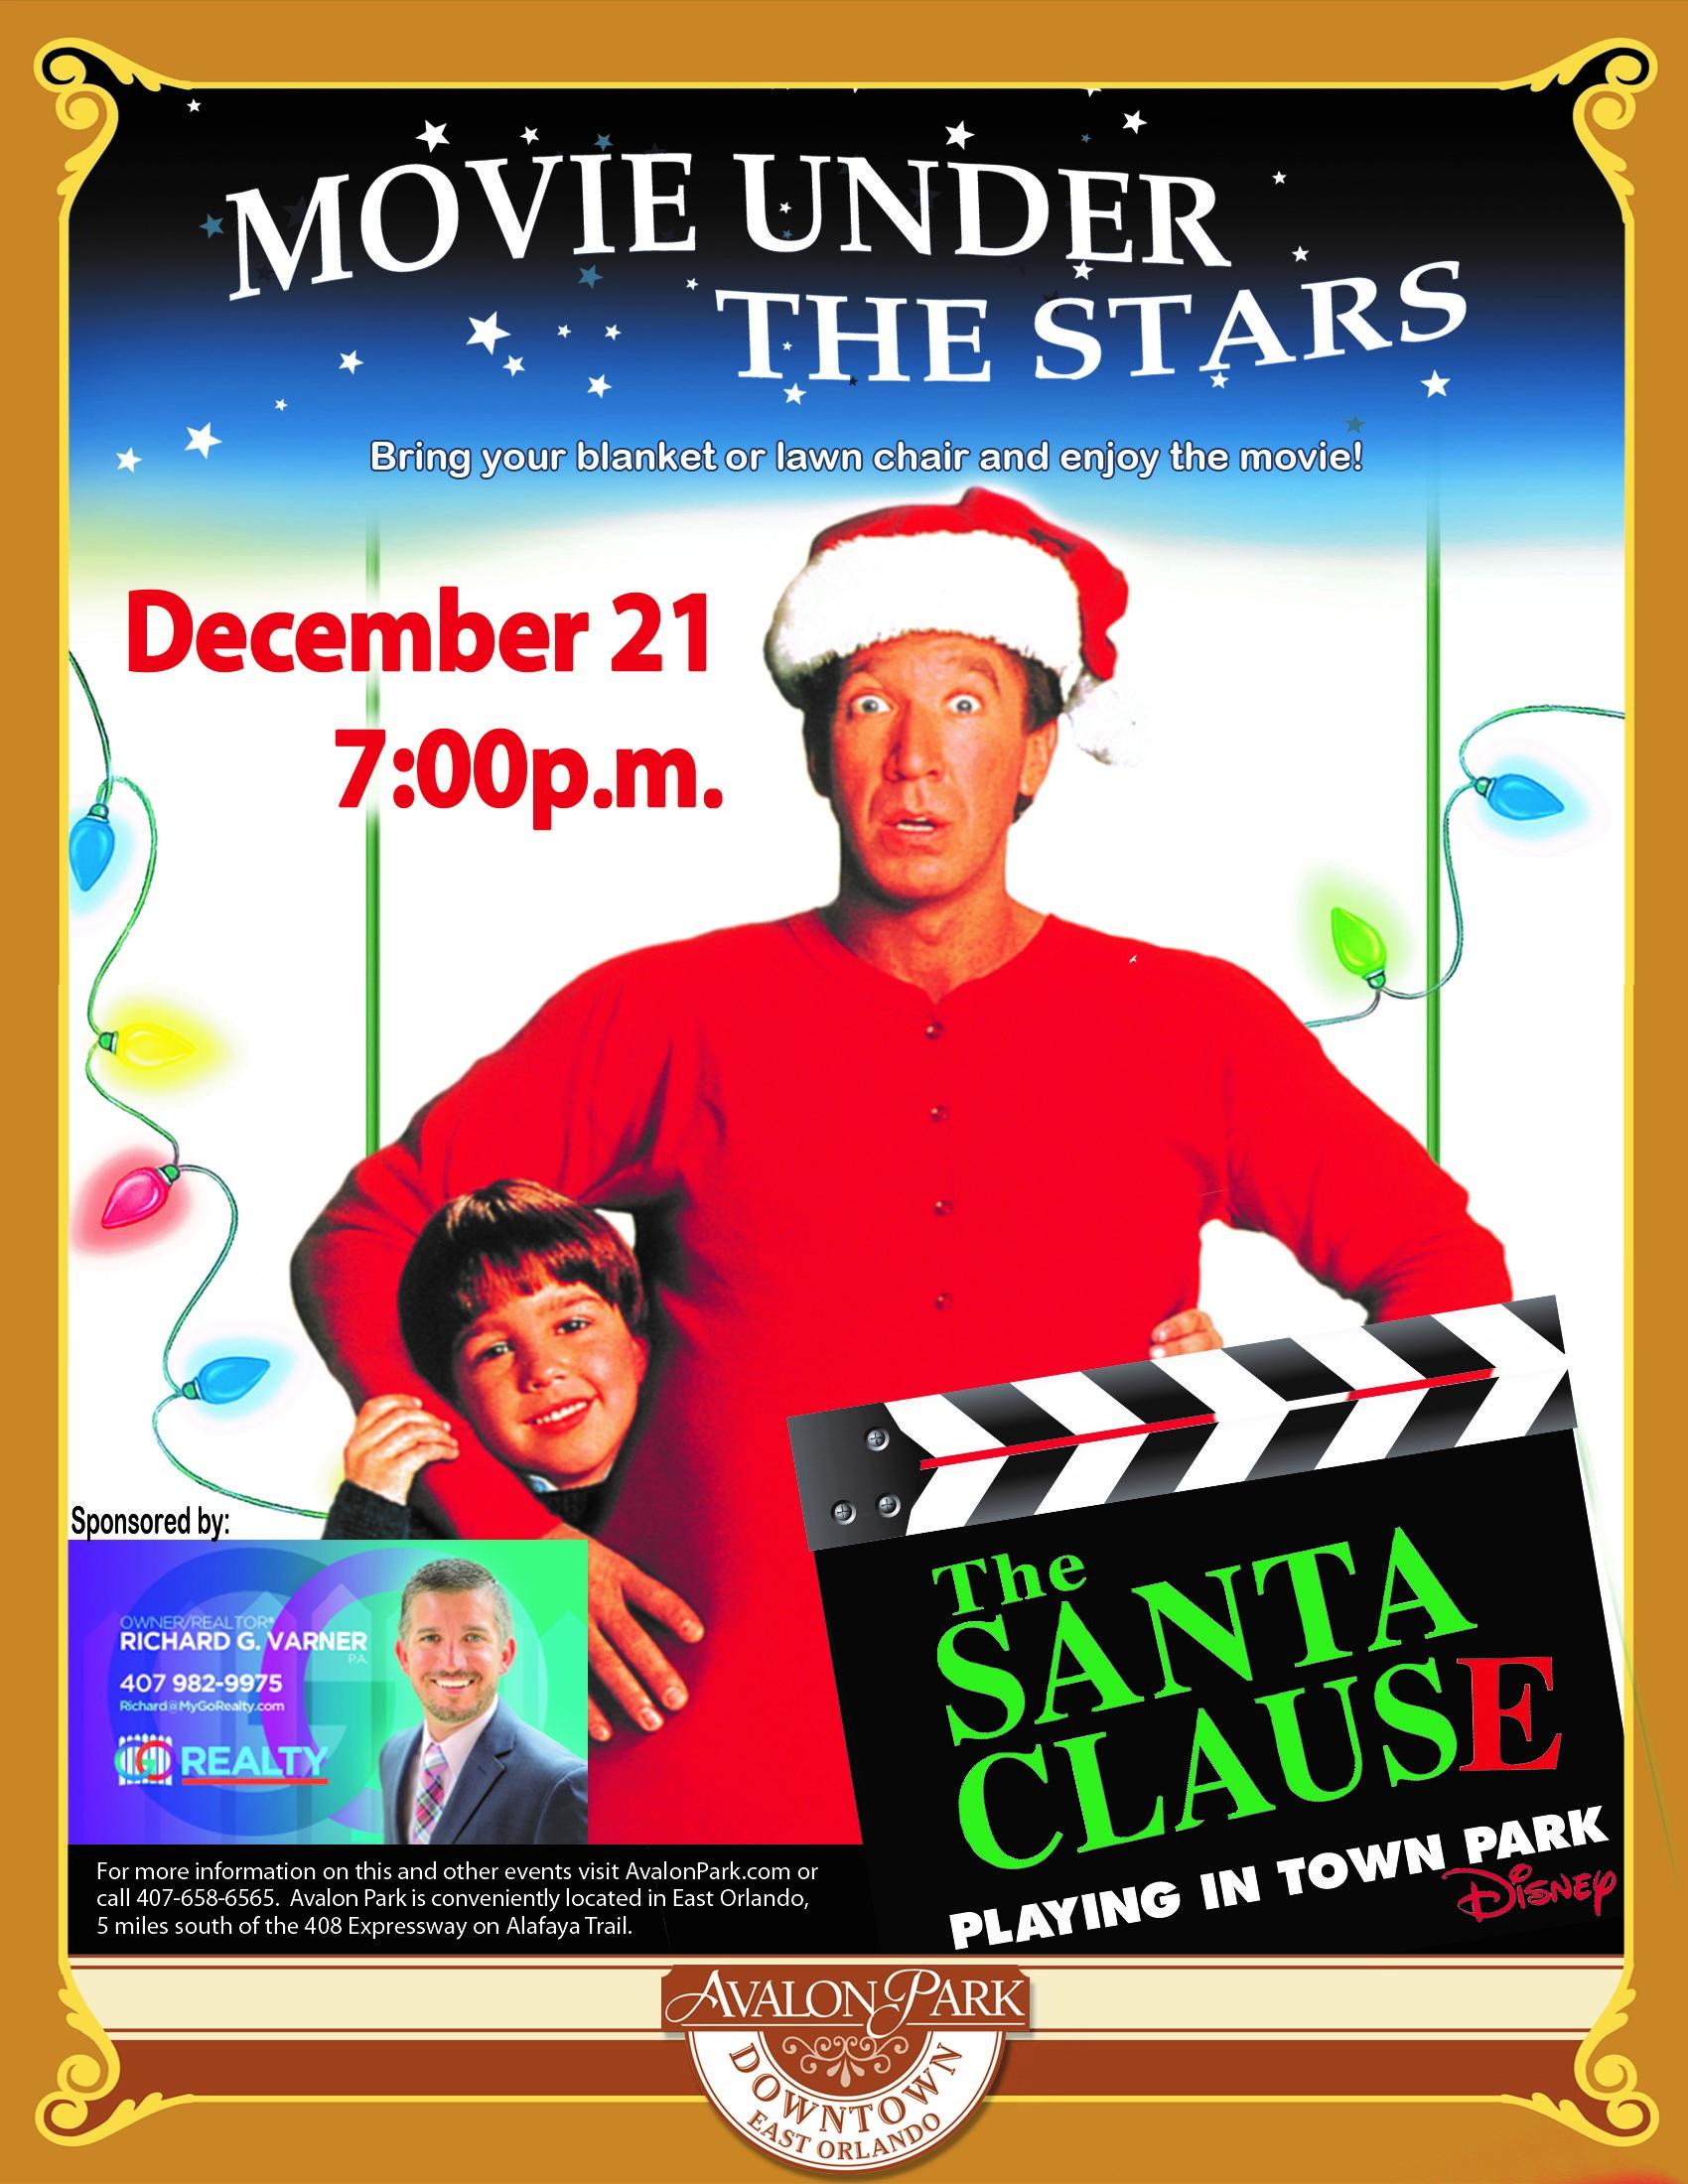 The Santa Claus 1 1